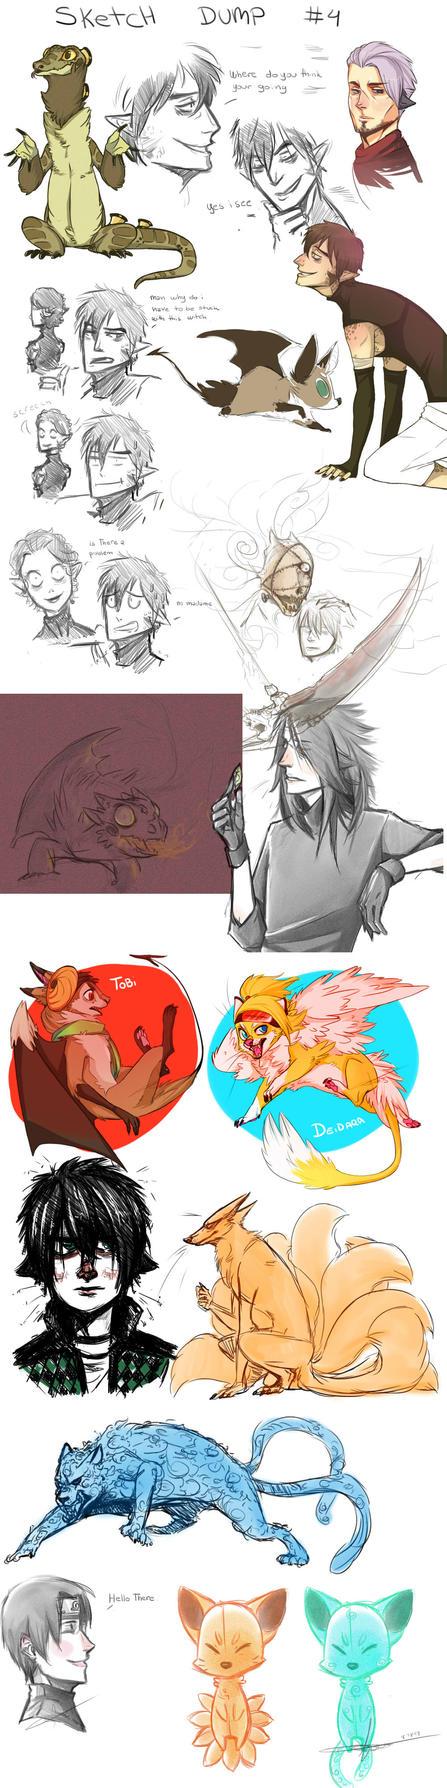 Sketch Dump #4 by Kimbolt-Prime